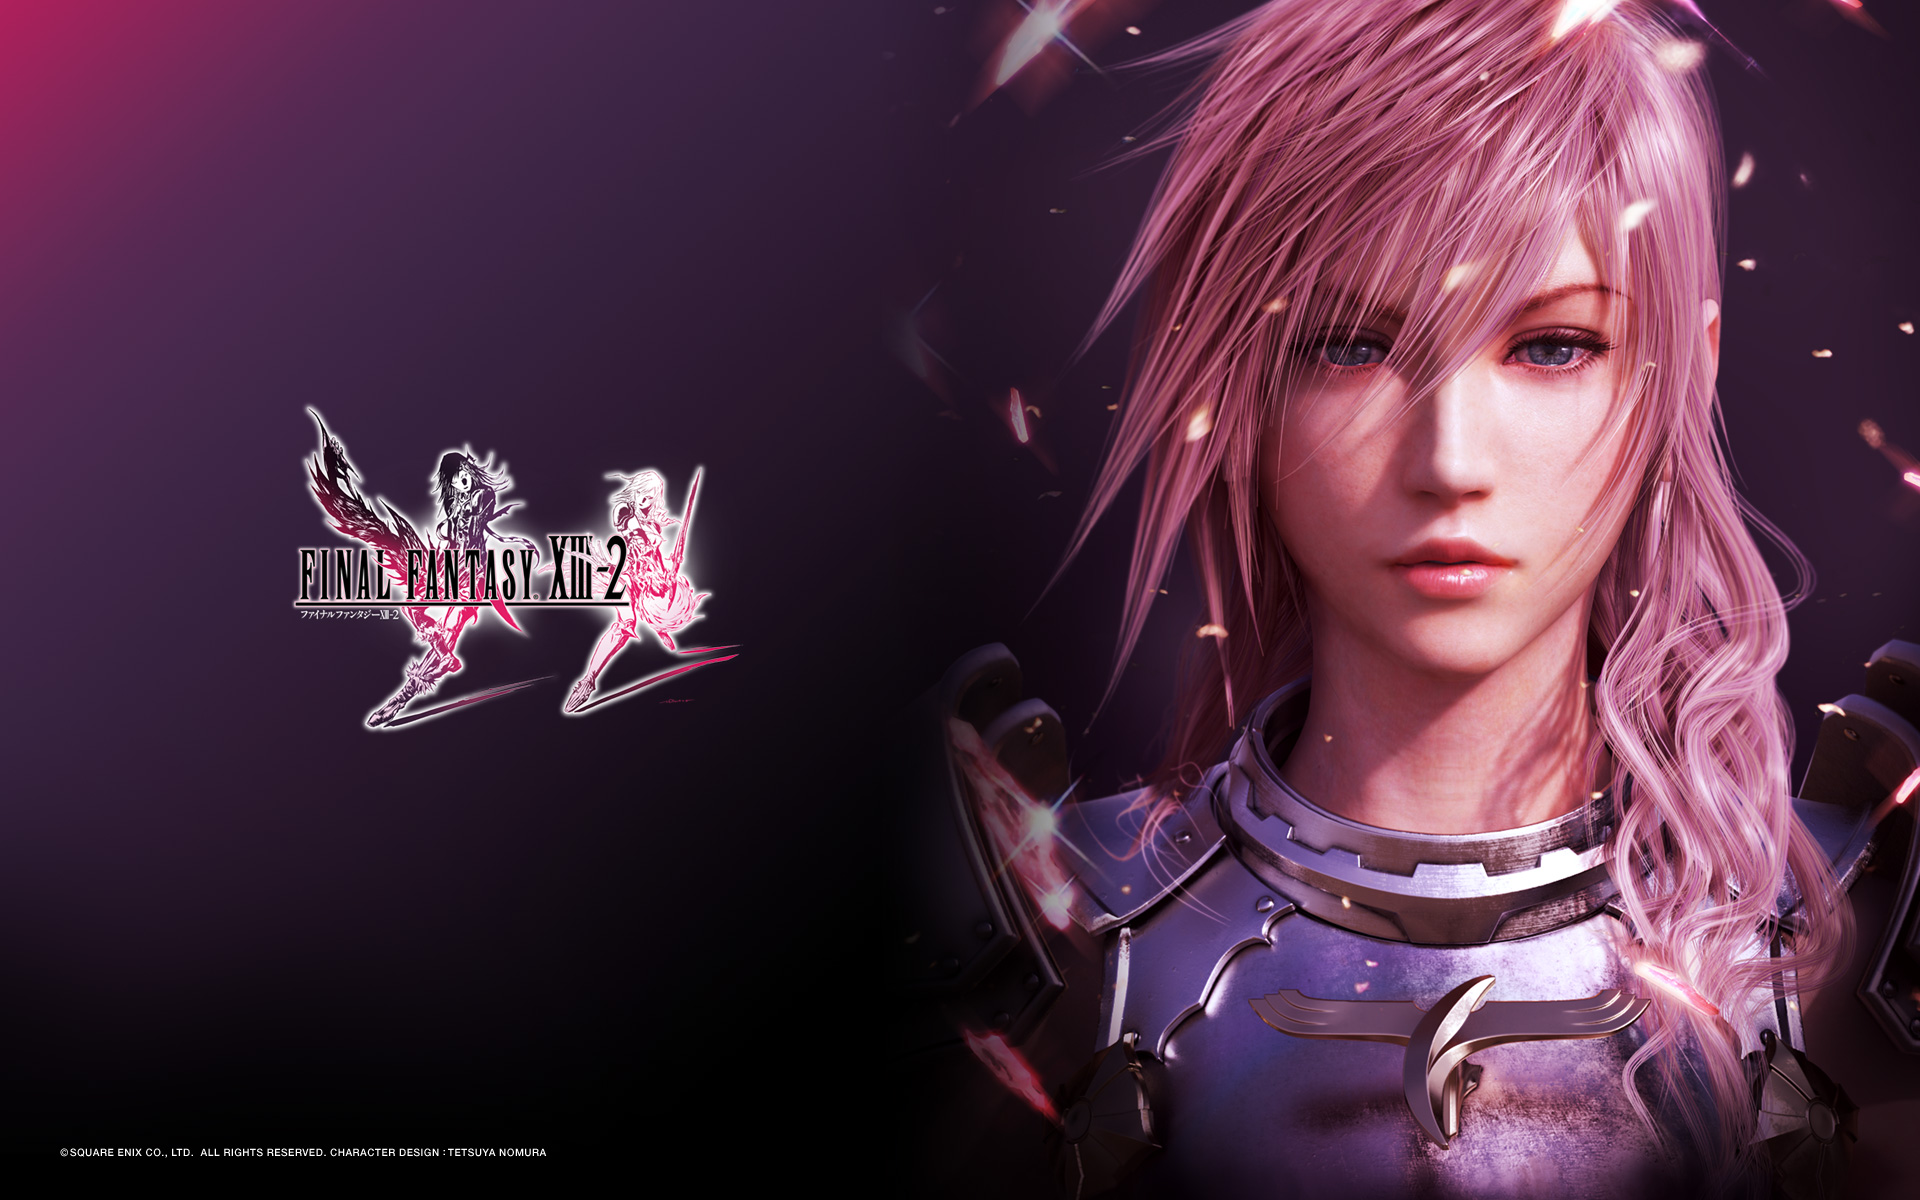 Final Fantasy Xiii 2 Wallpaper Hd